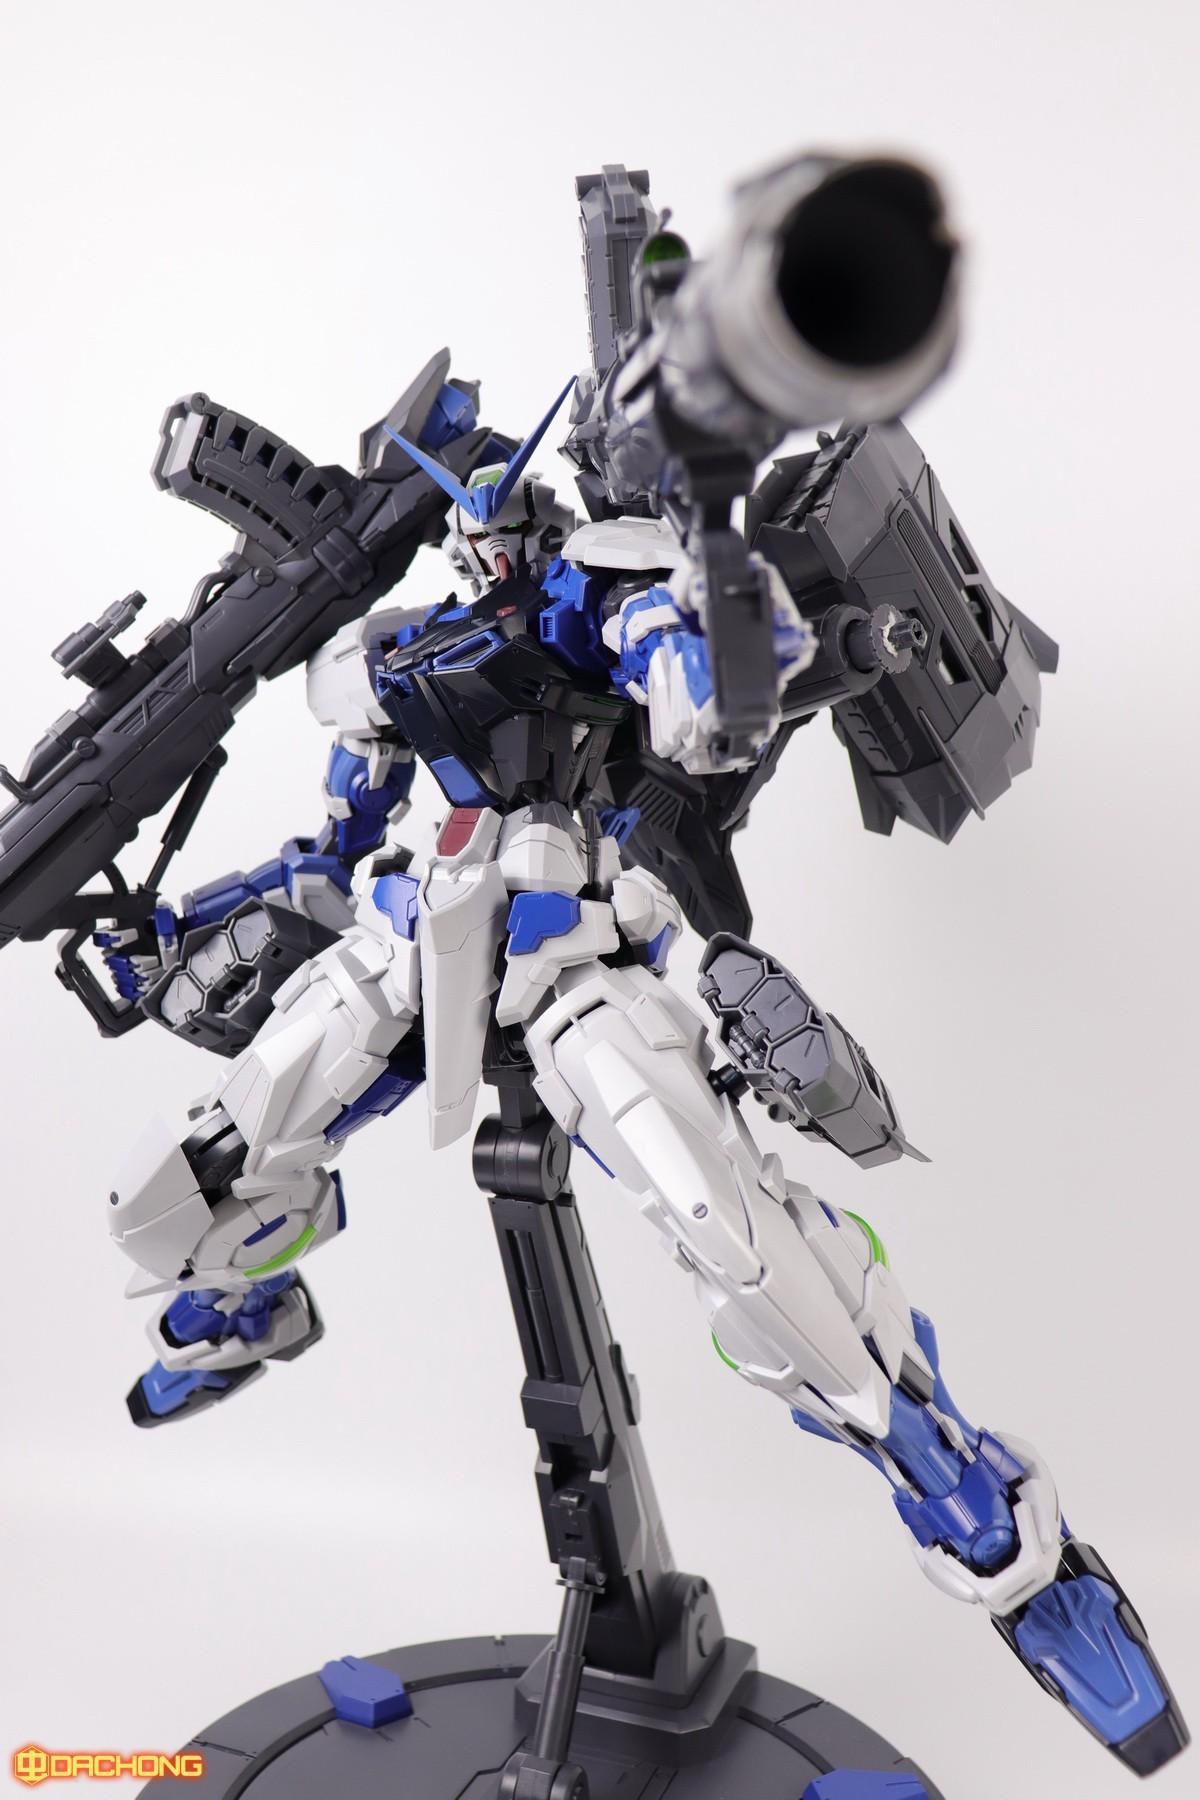 S306_blue_frame_astray_60_093.jpg